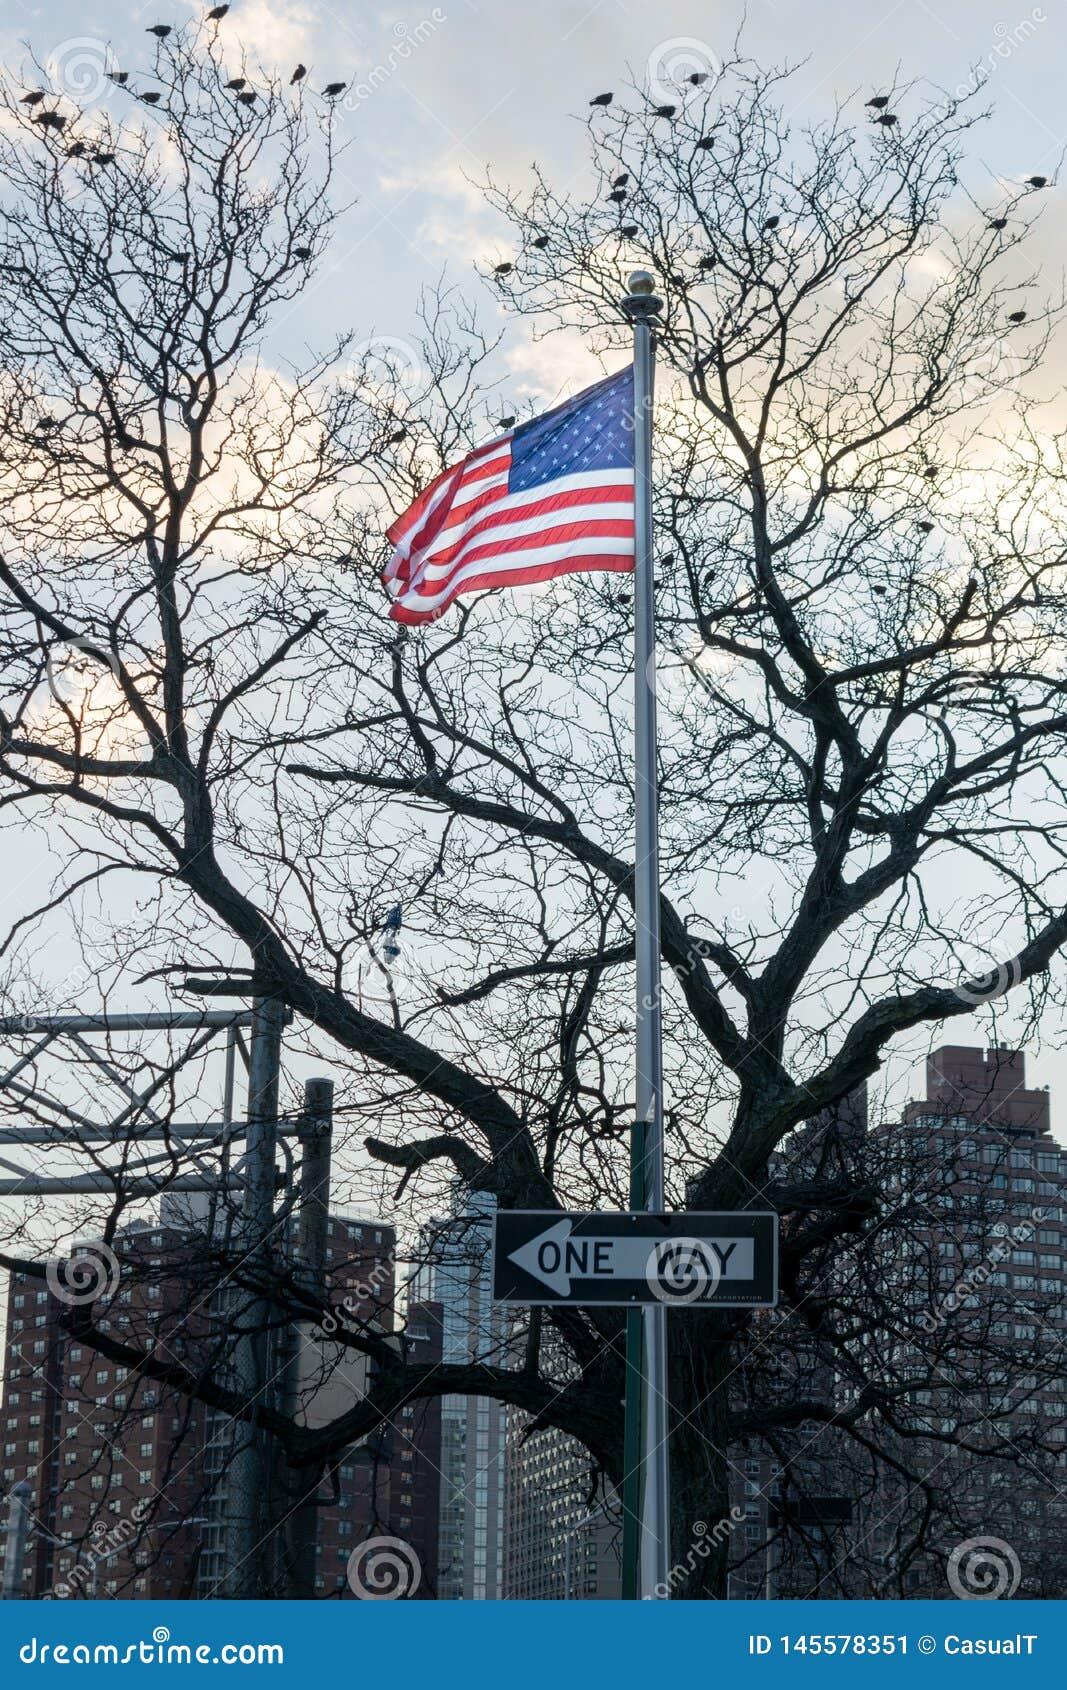 Flaga Ameryka?ska, gwiazdy i lampasy dmucha w wiatrze na s?upie z JEDEN sposobem szyldowym w bezlistnym drzewie, ptaki siedzi